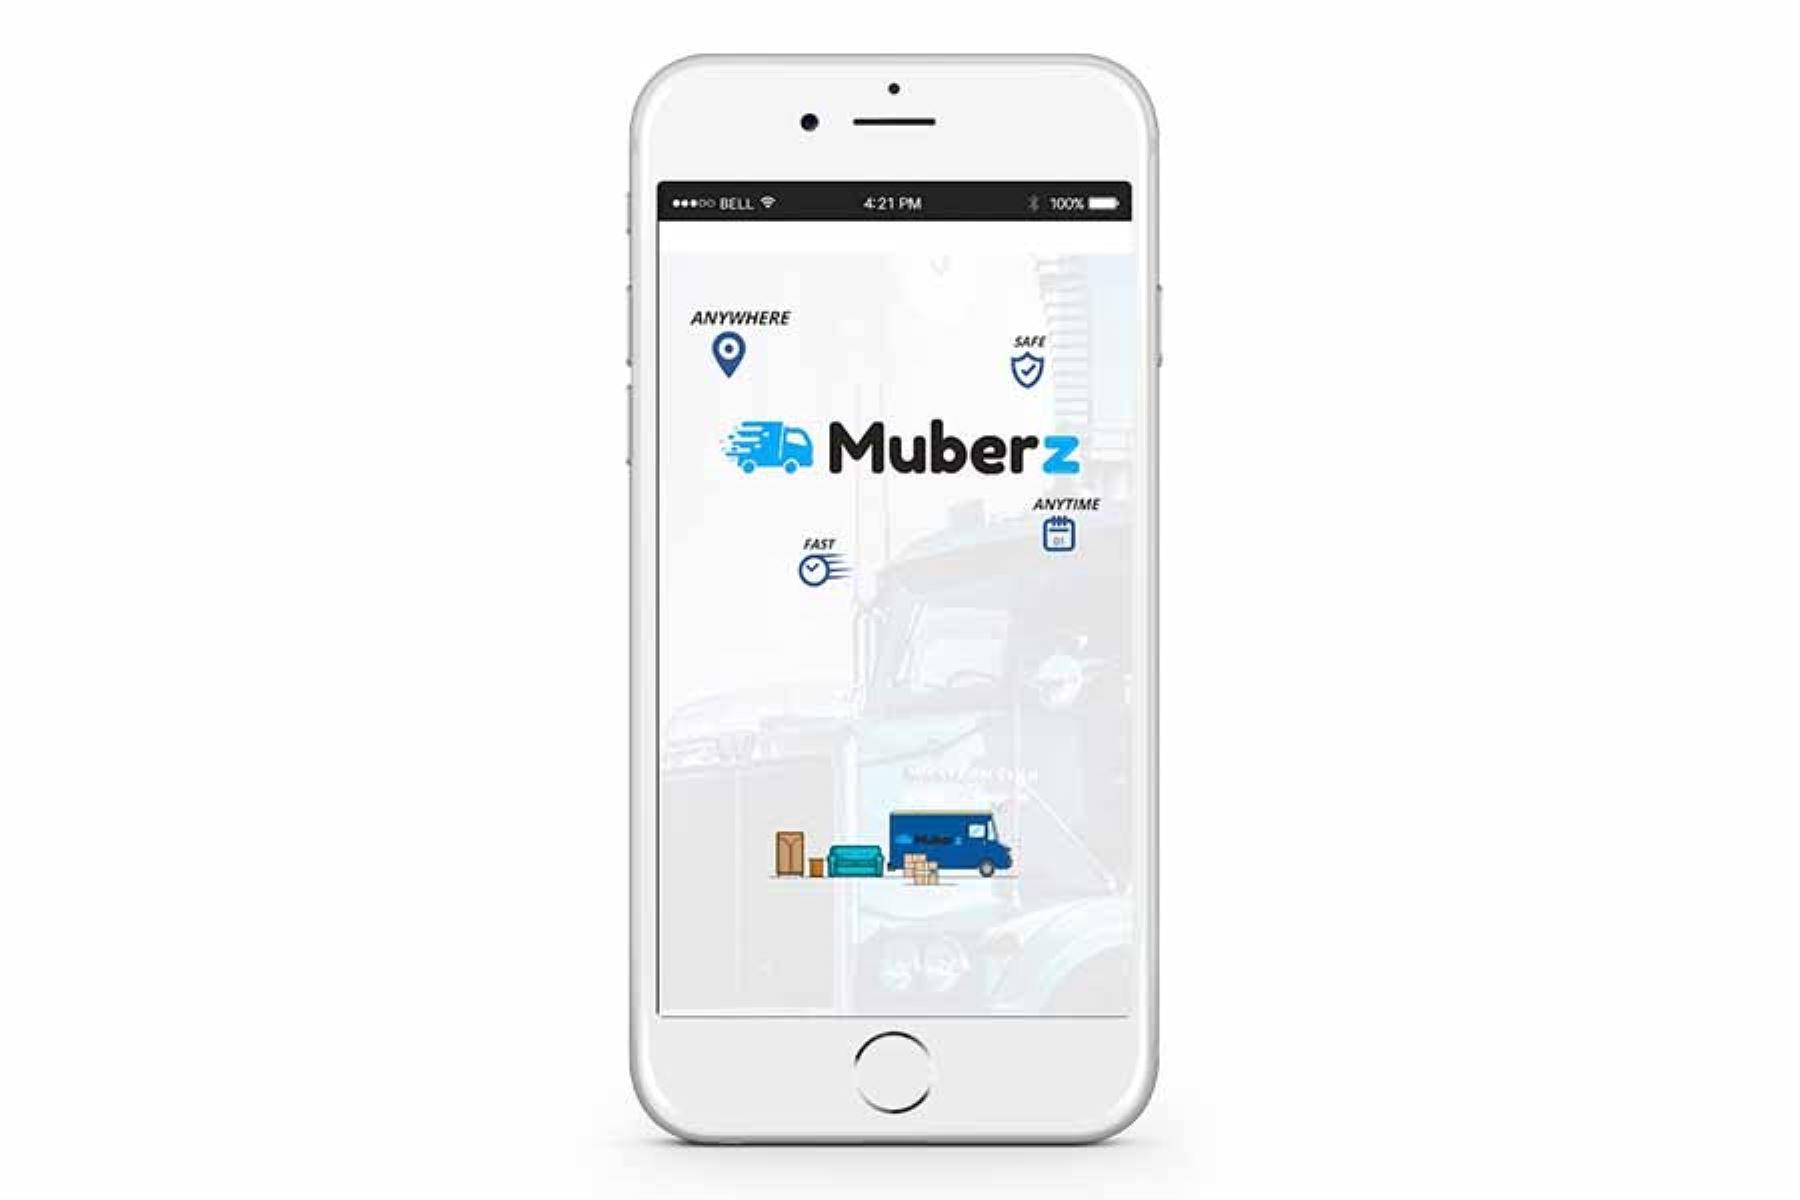 MuberZ es una aplicación para mudanzas pequeñas o para el traslado de productos específicos como un electrodoméstico.